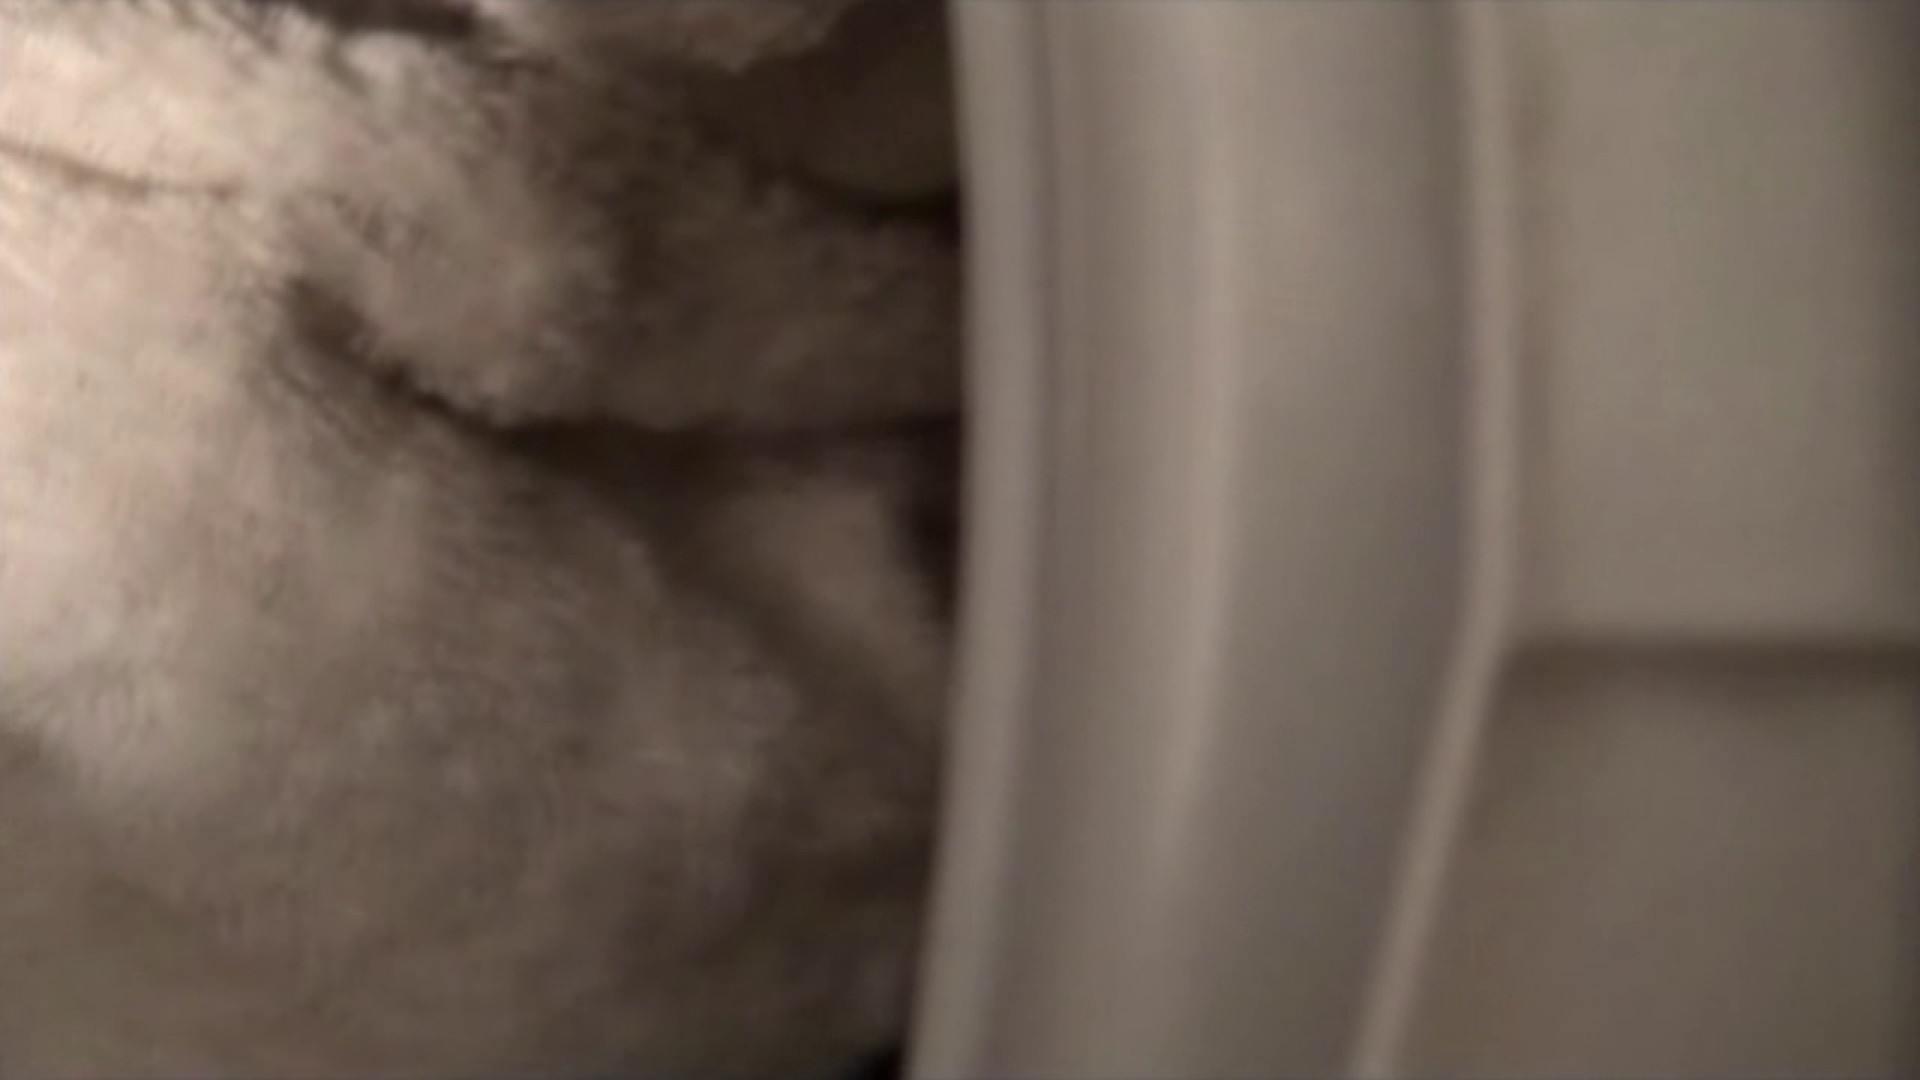 【01】ベランダへ侵入し、真っ先に洗濯機へ直行しました。 お姉さん達のヌード | 0  97連発 17